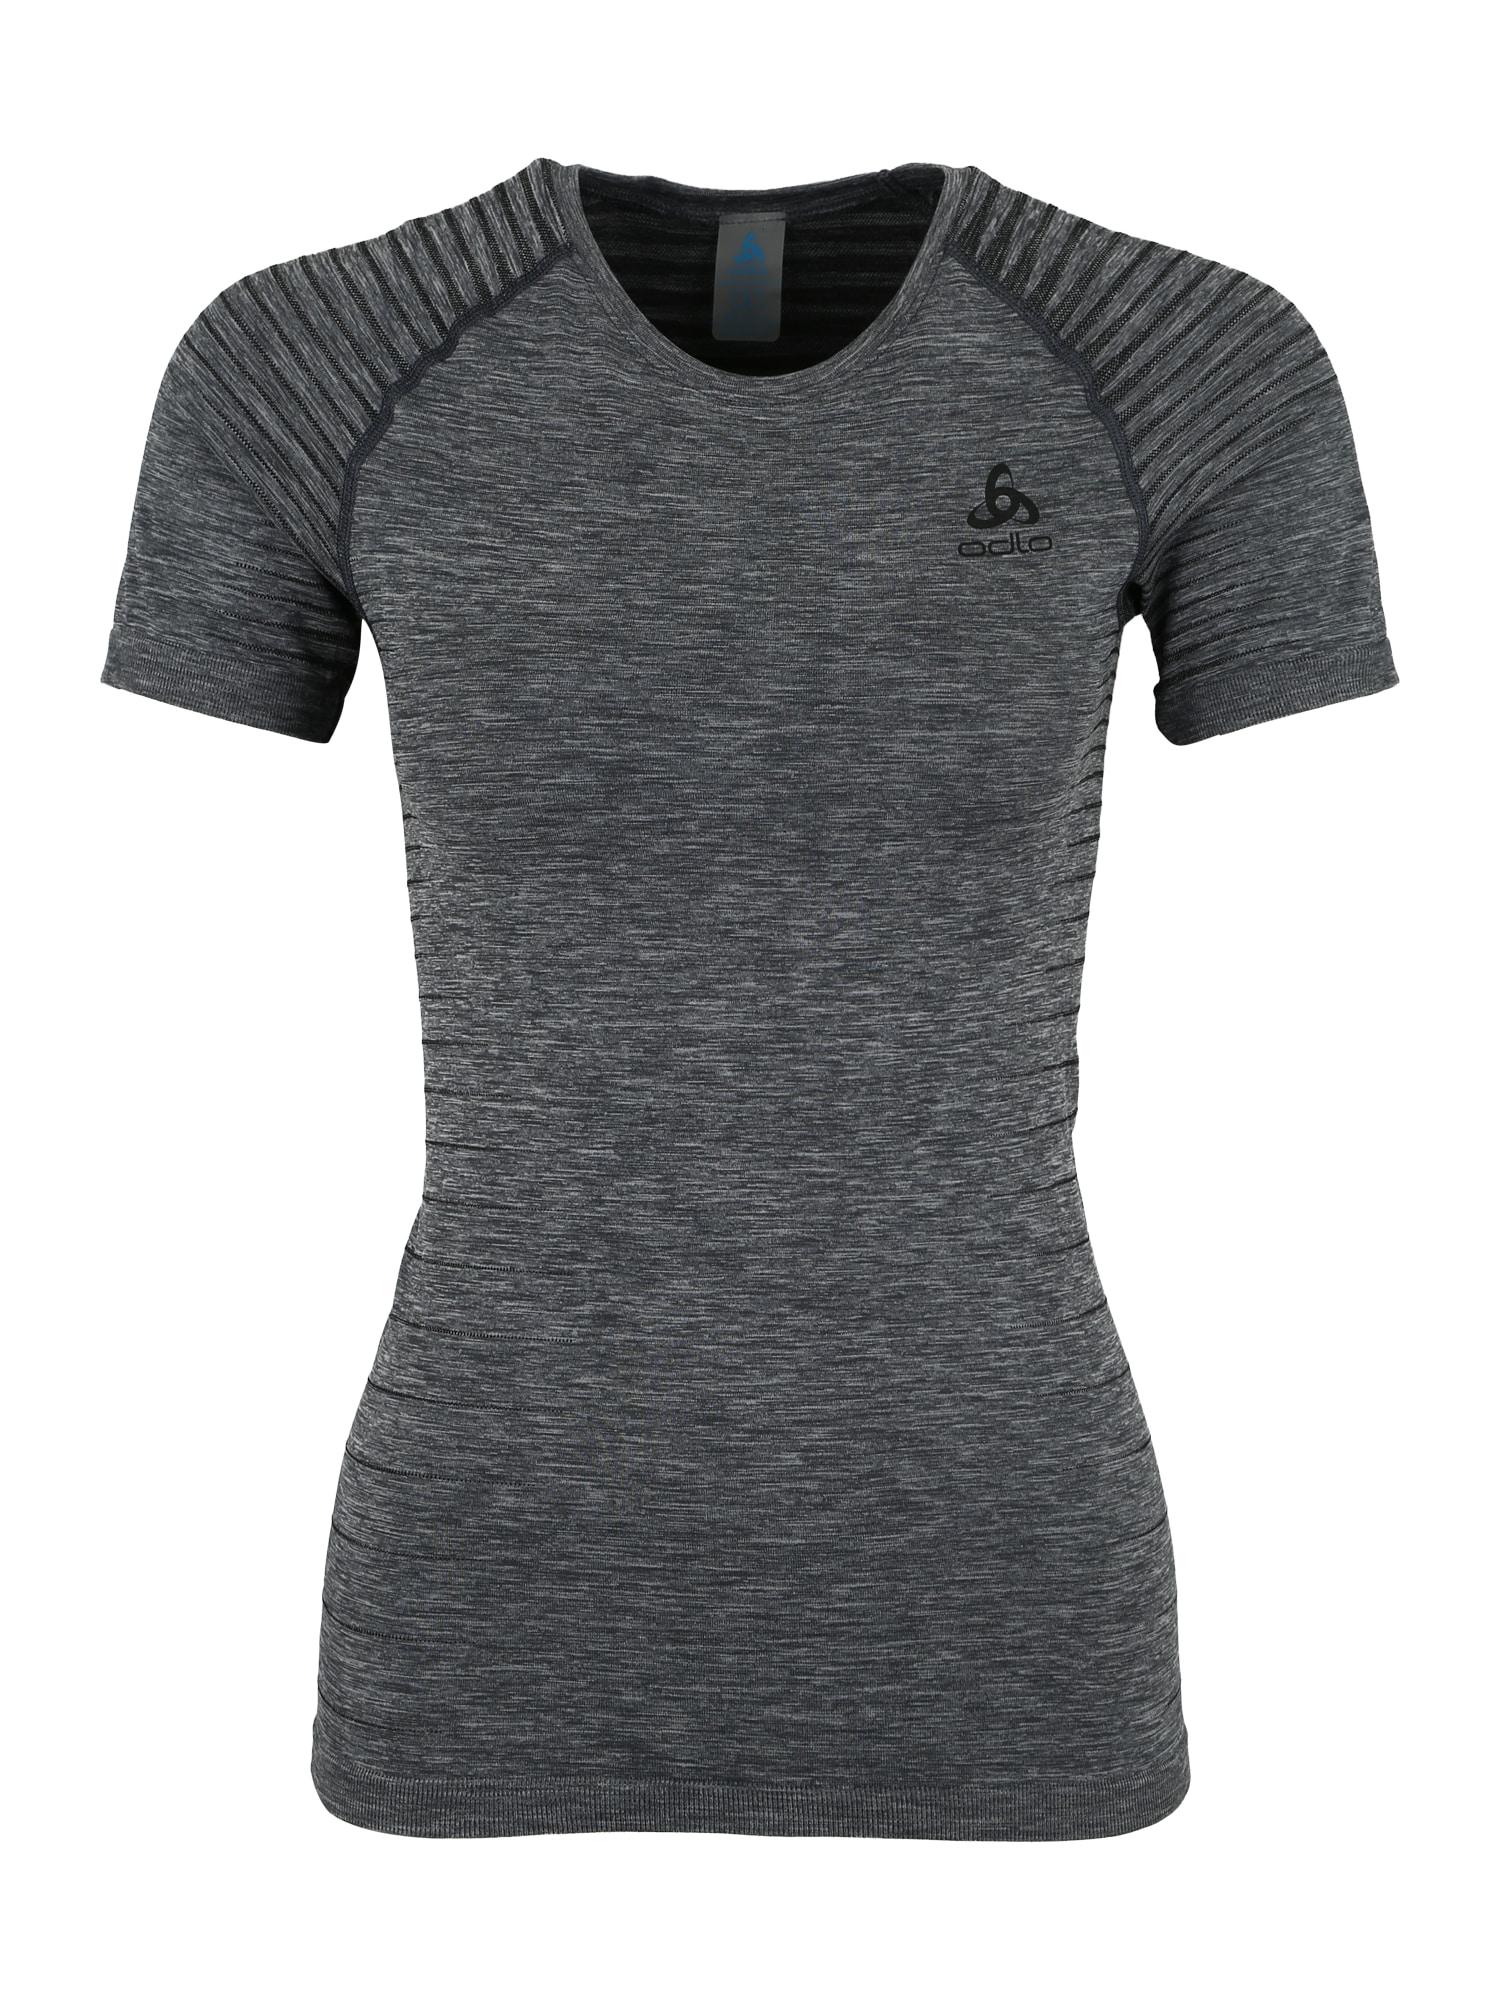 ODLO Sportiniai apatiniai marškinėliai 'Performance Light' margai pilka